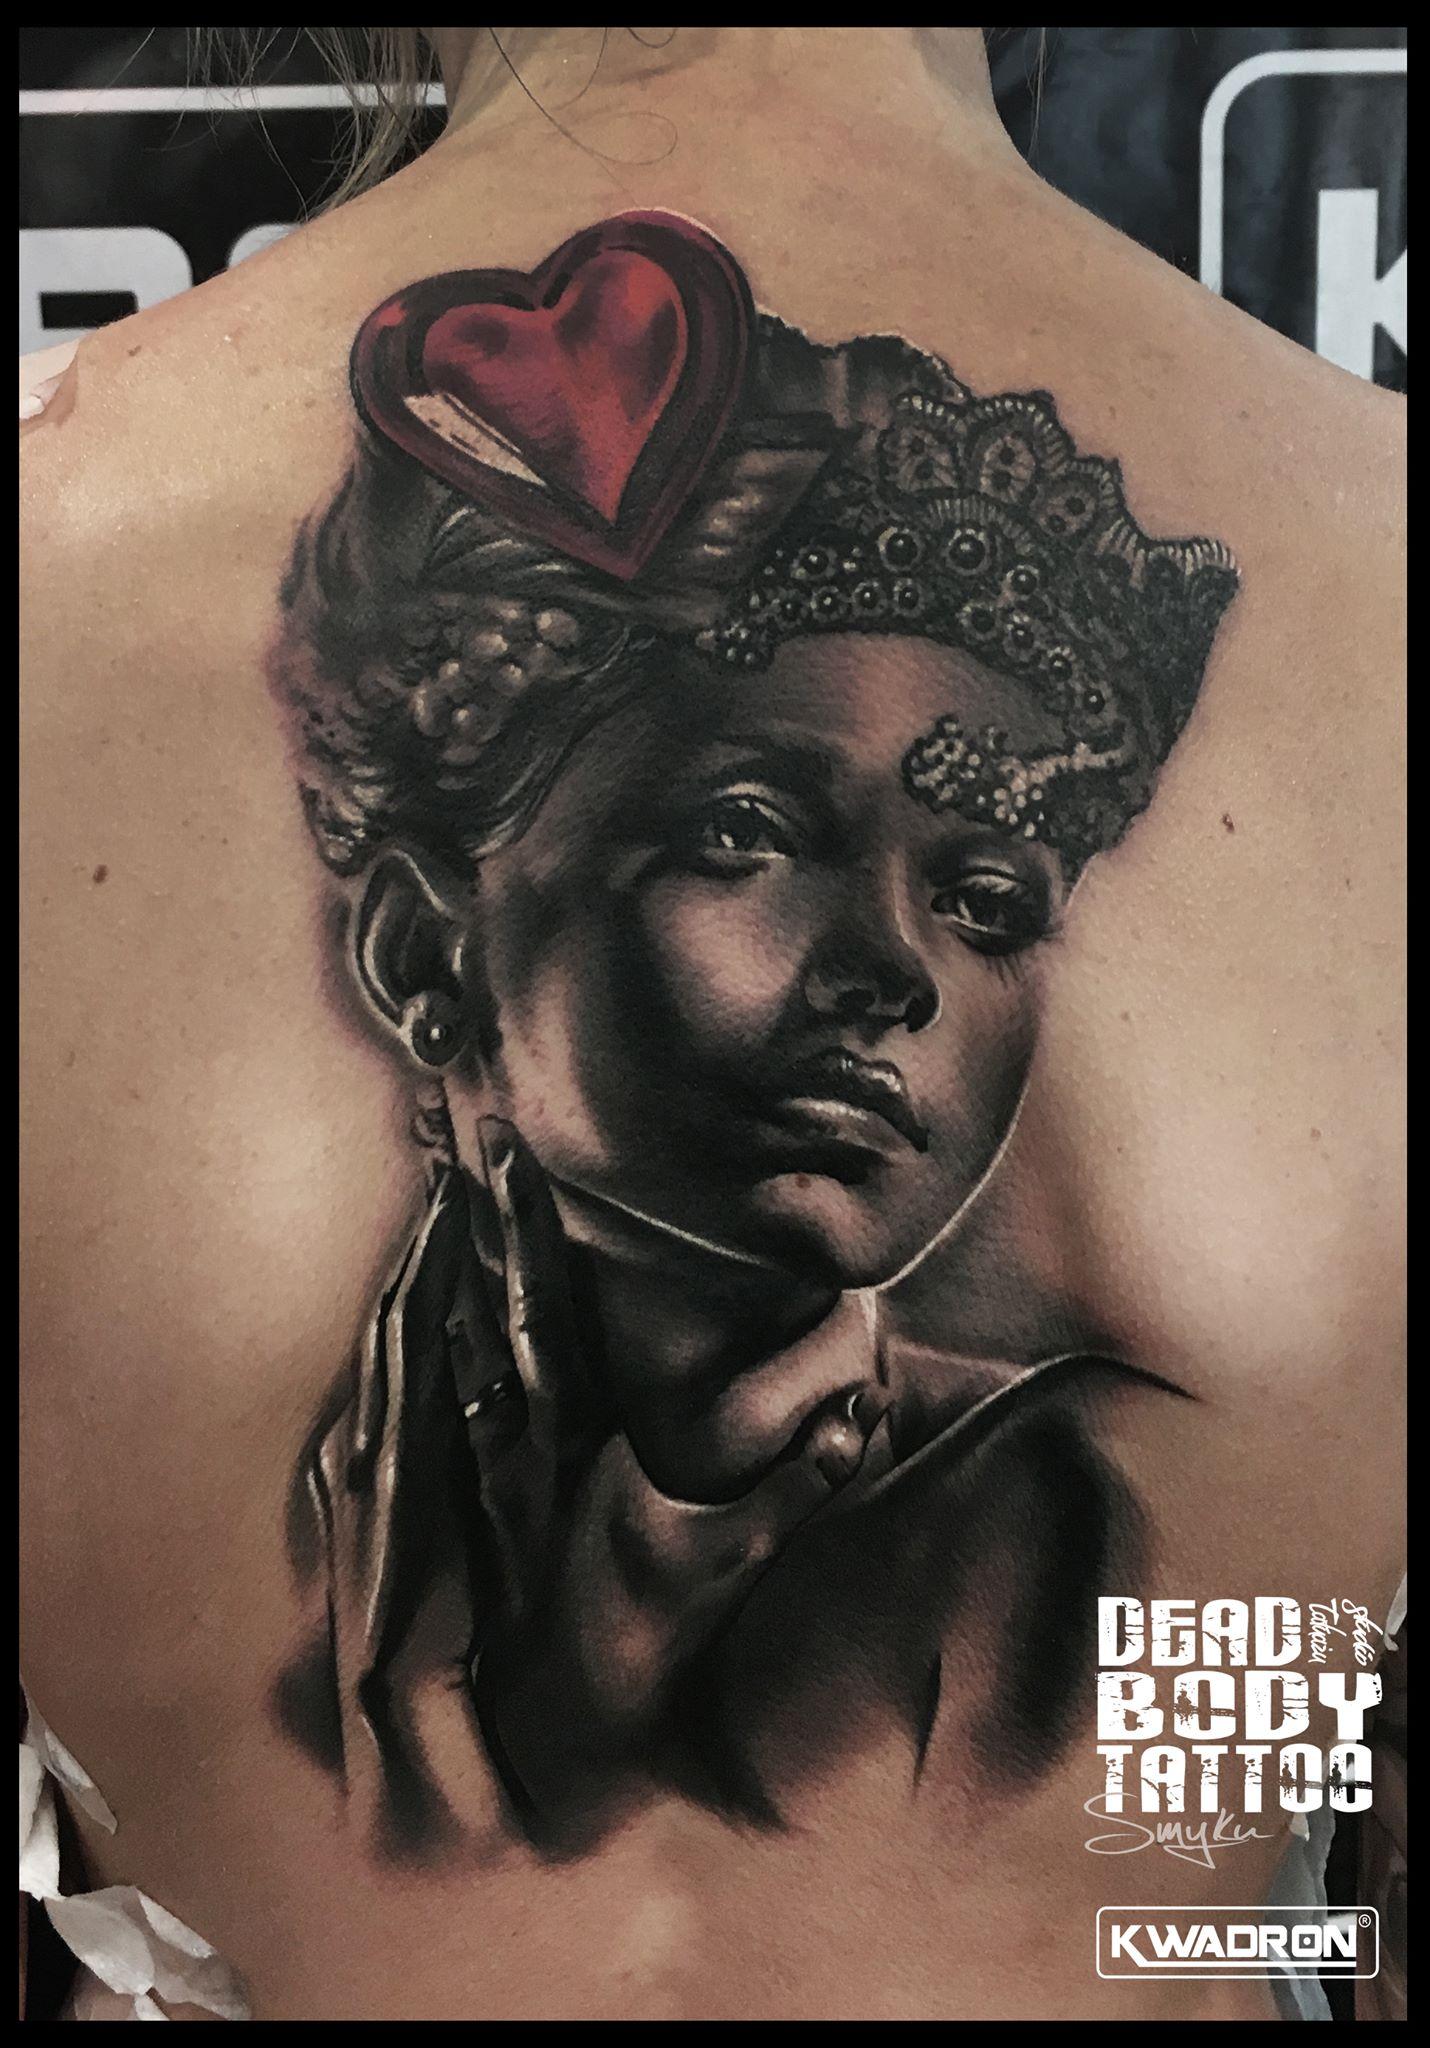 I miejsce - Tatuaż